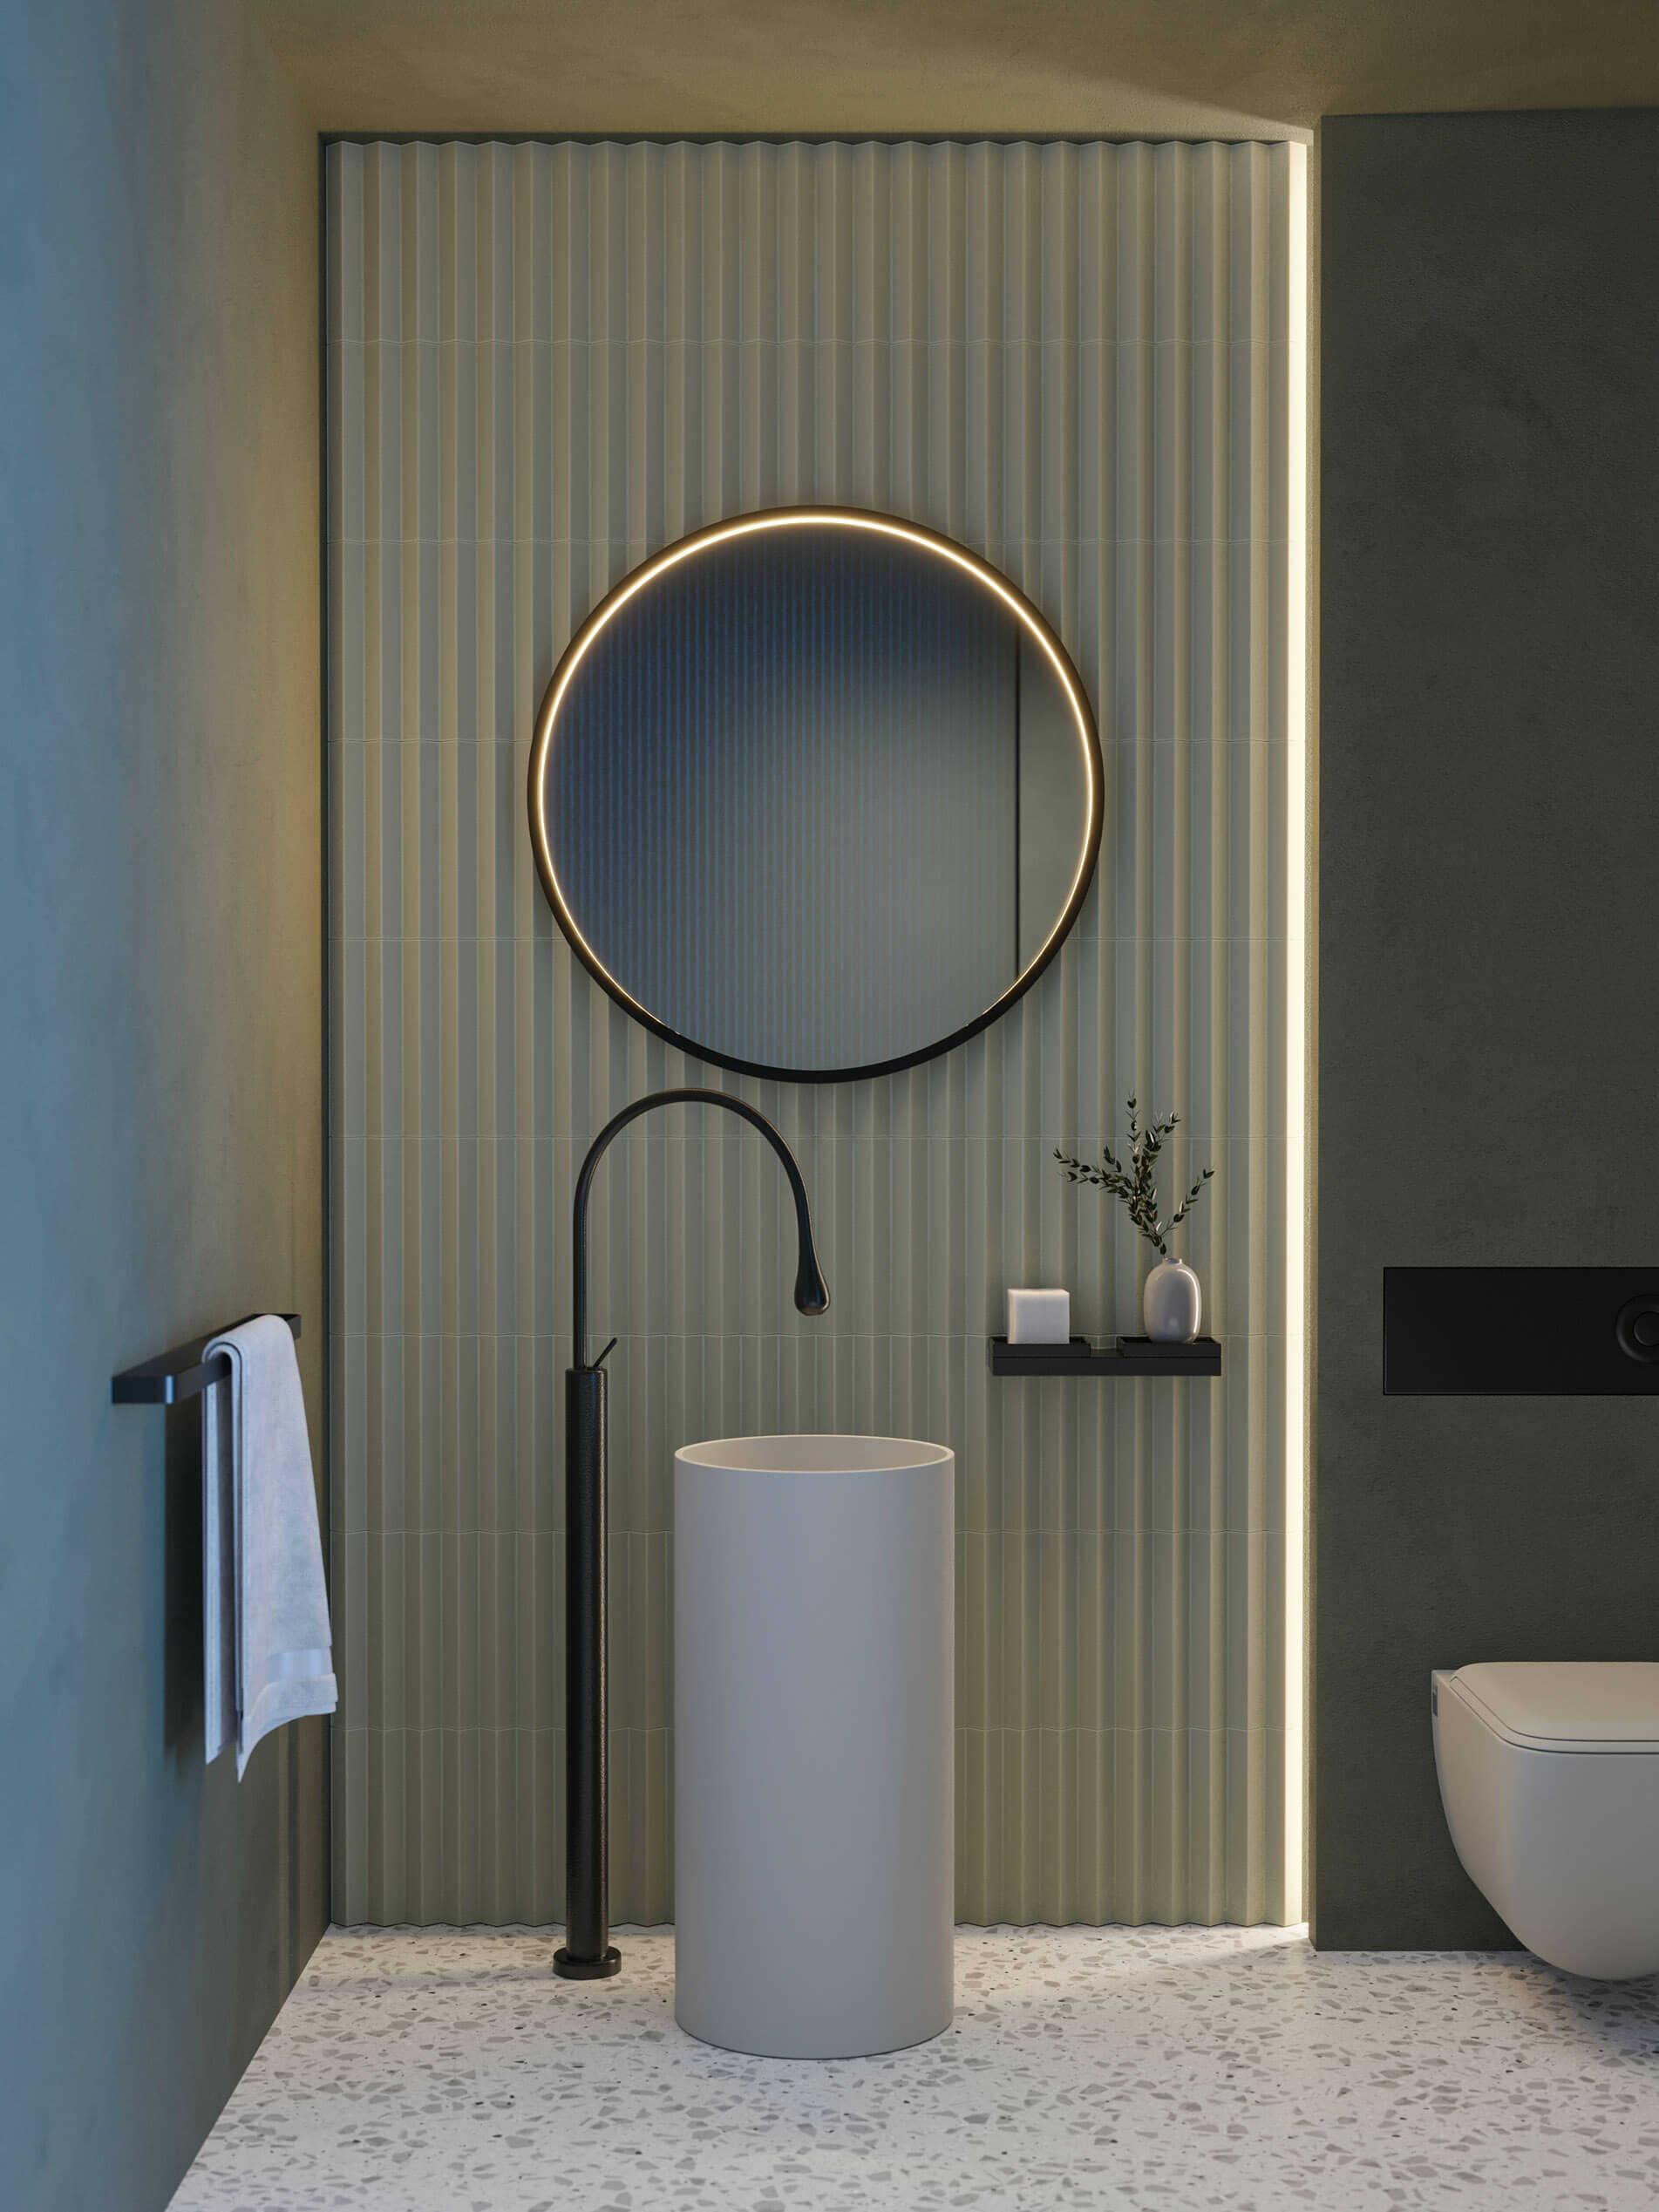 Rund Futon Mirror fra Intra Lighting på badet